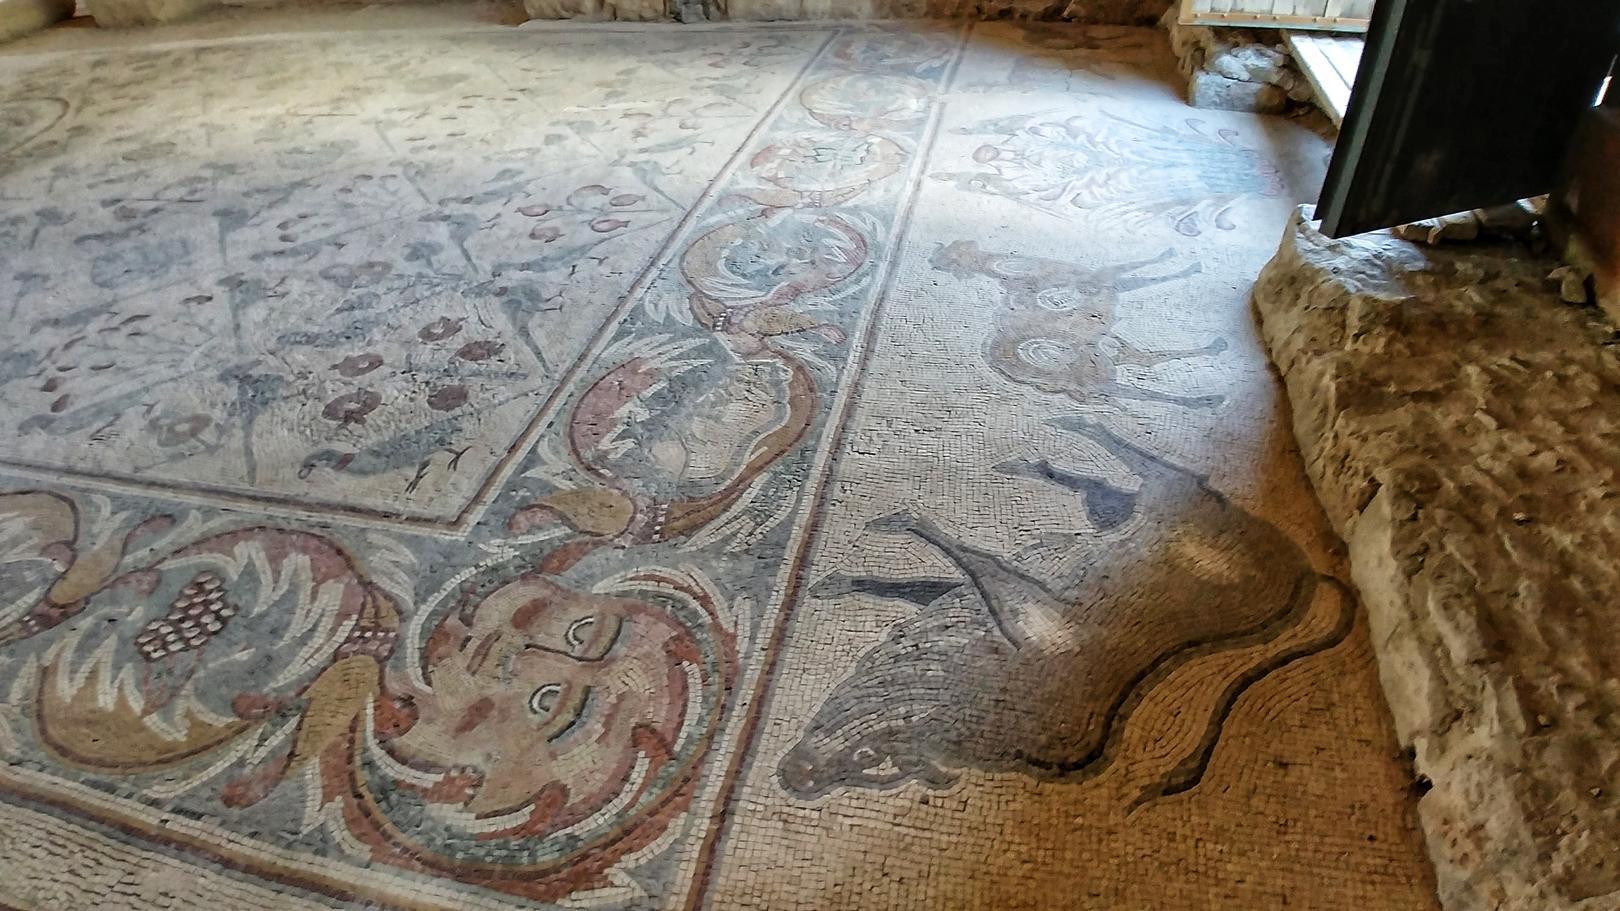 Jordanie - Mosaiques dans l'église des apôtres à Madaba